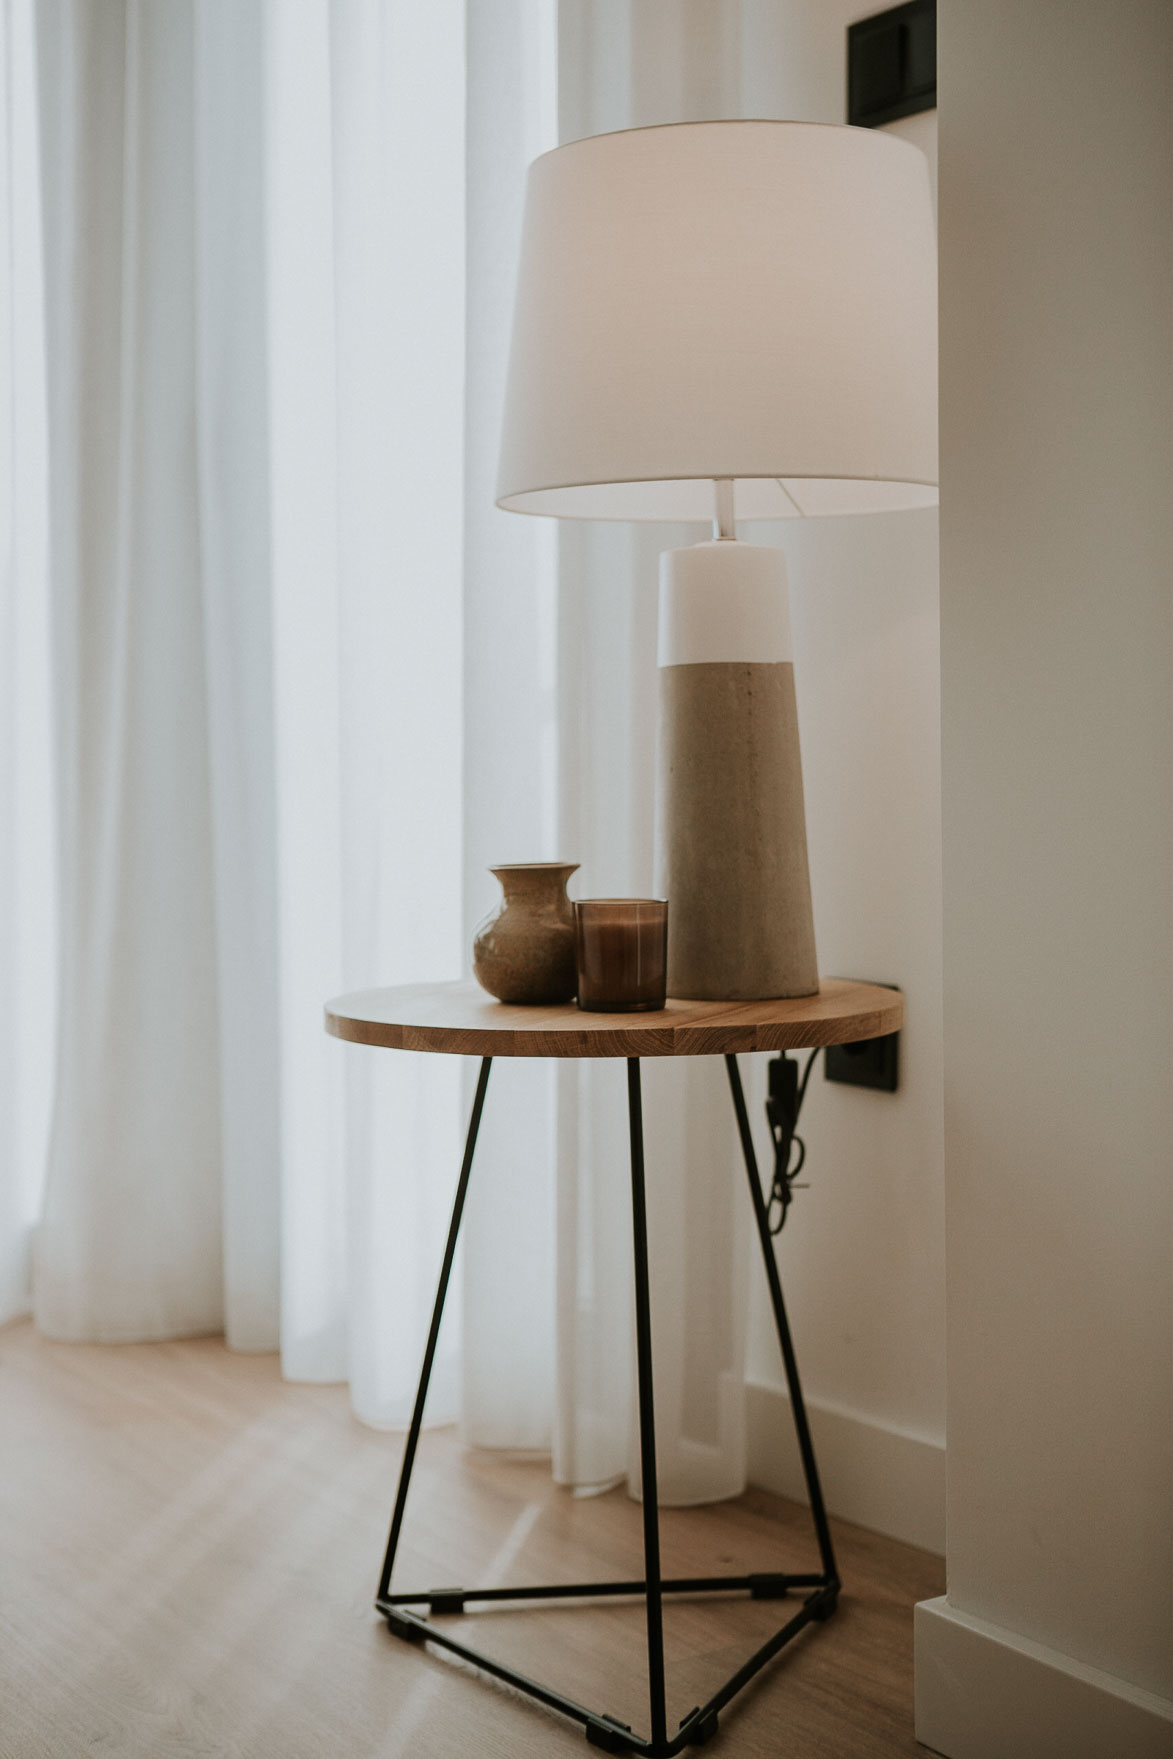 Mesita con lampara decoracion minimalista